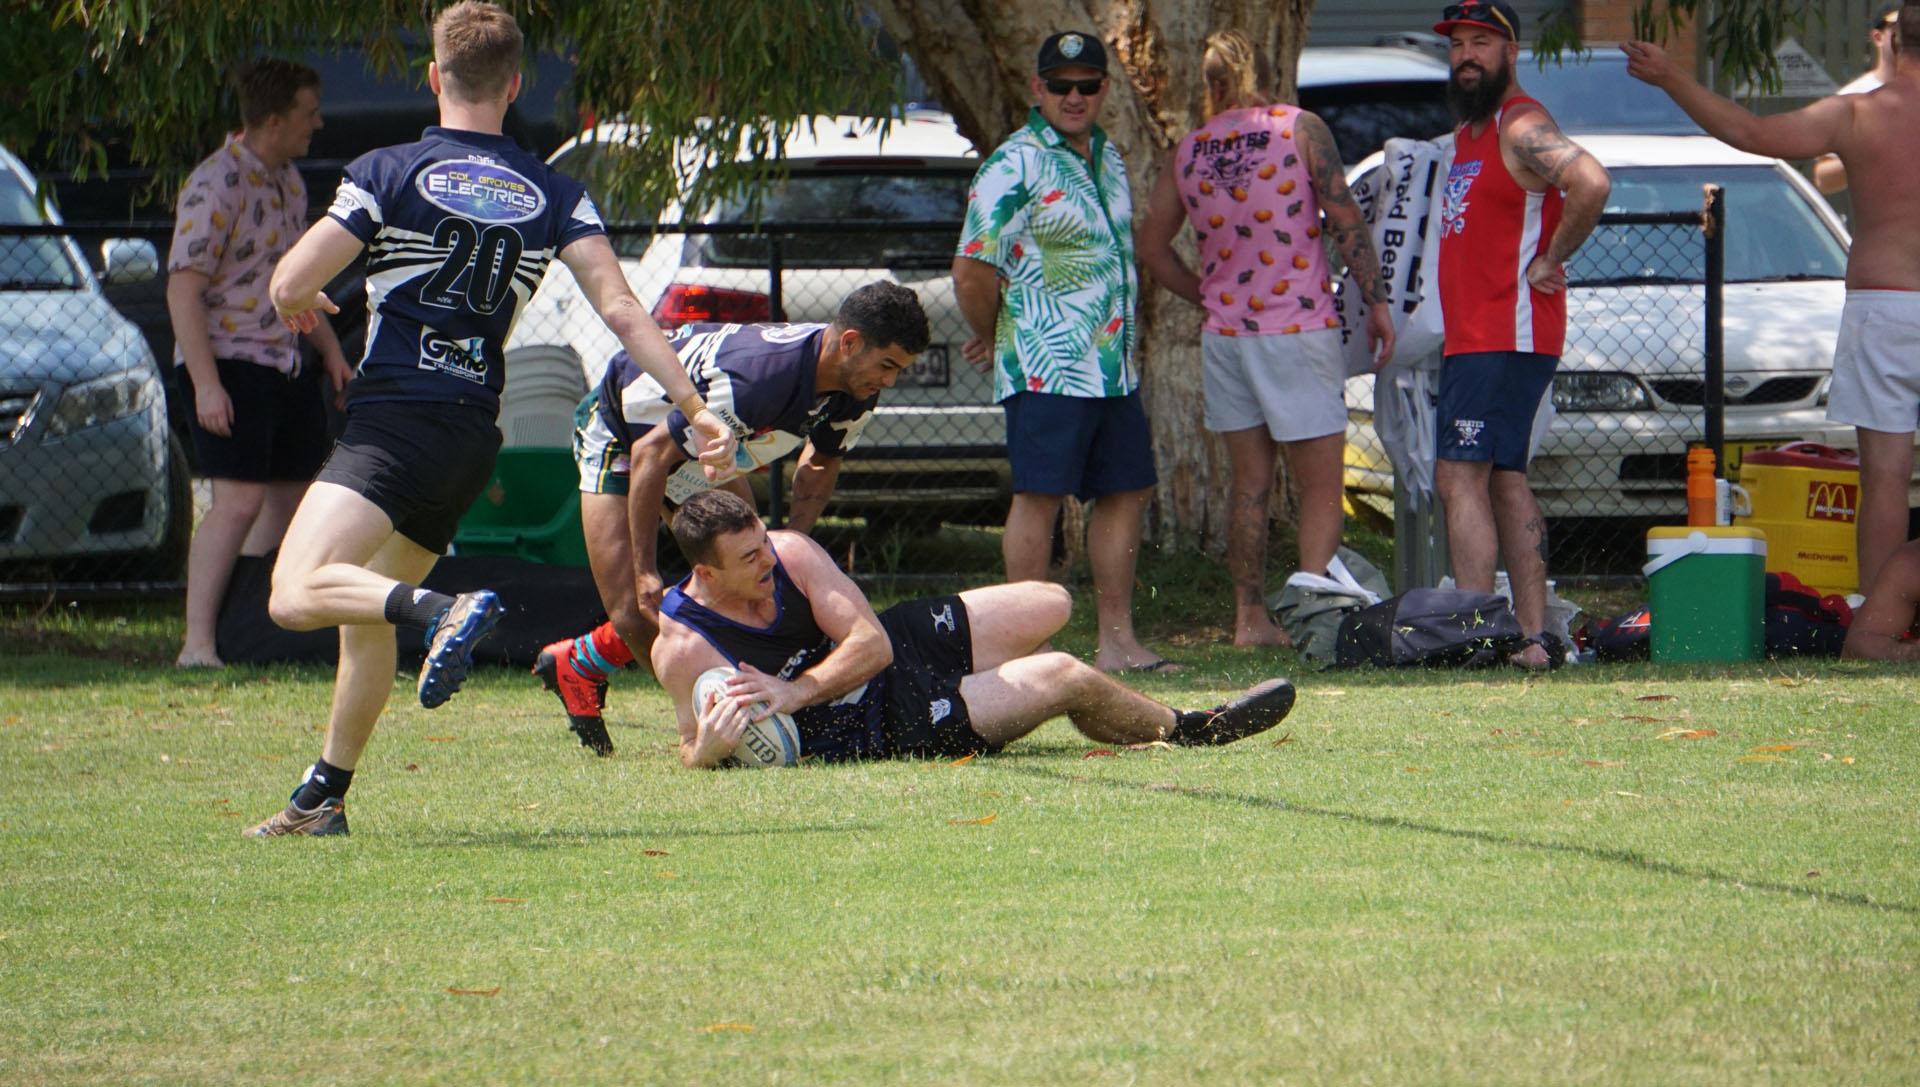 191019-20_Byron Bay Rugby 7s 2019_160